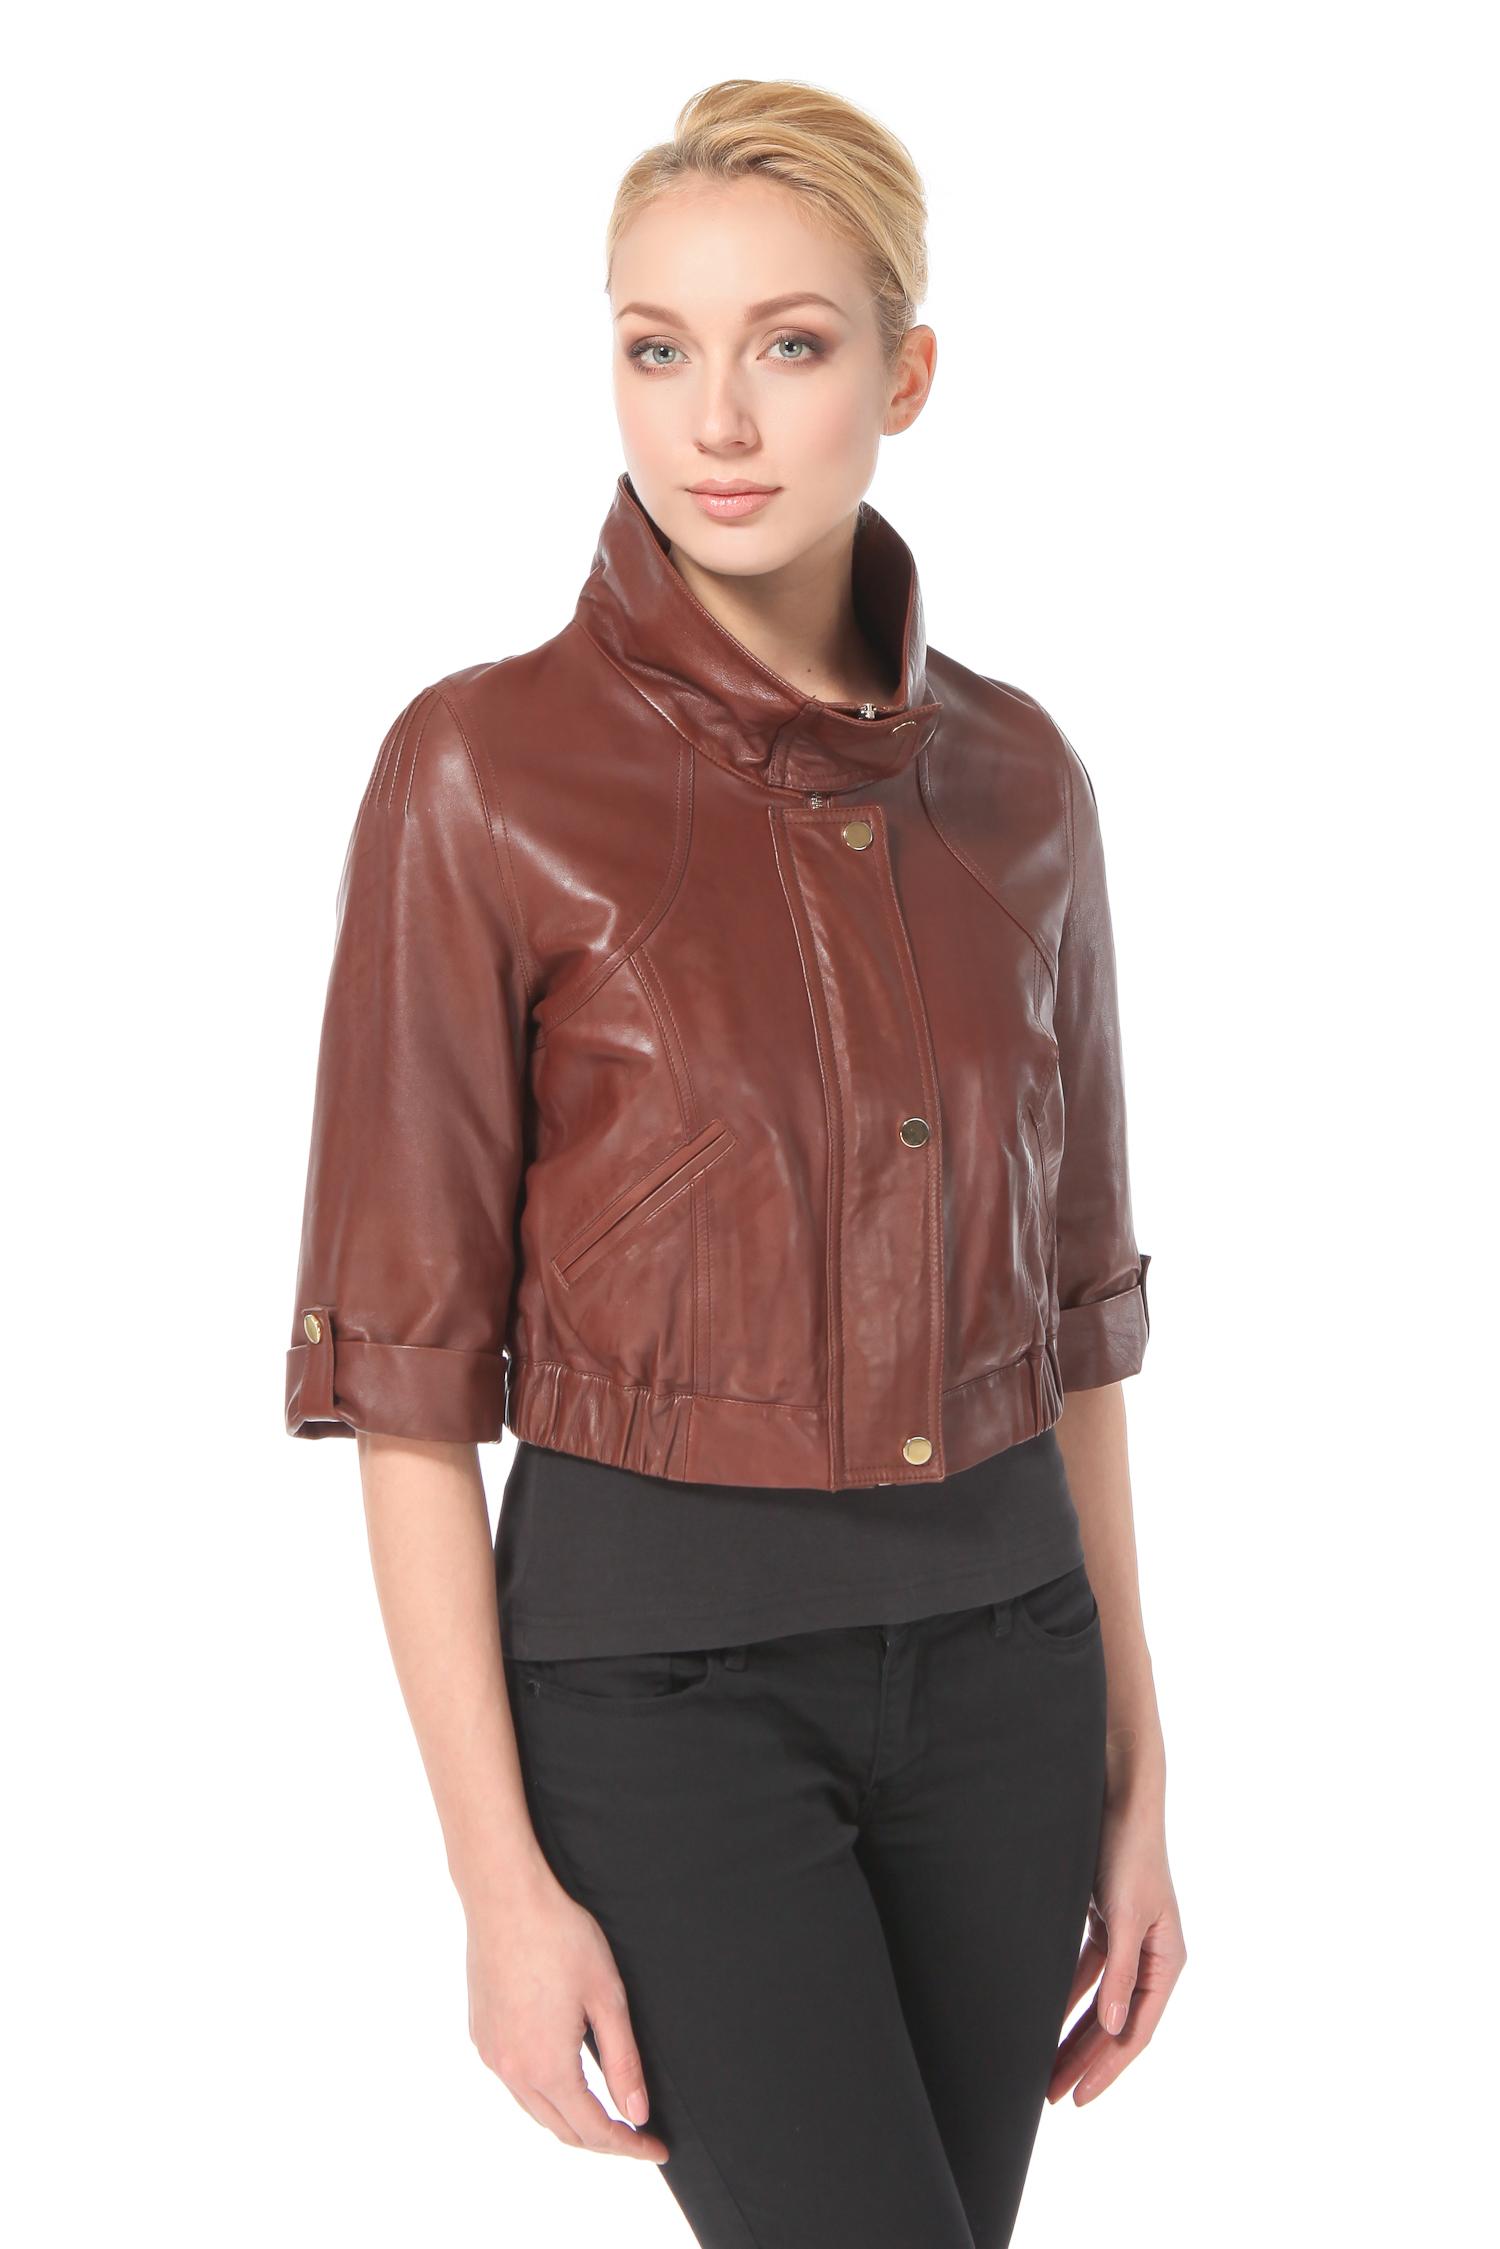 Женская кожаная куртка из натуральной кожи с воротником, без отделки<br><br>Воротник: стойка<br>Длина см: Ультра короткая (менее 50 )<br>Материал: Кожа овчина<br>Цвет: коричневый<br>Пол: Женский<br>Размер RU: 48